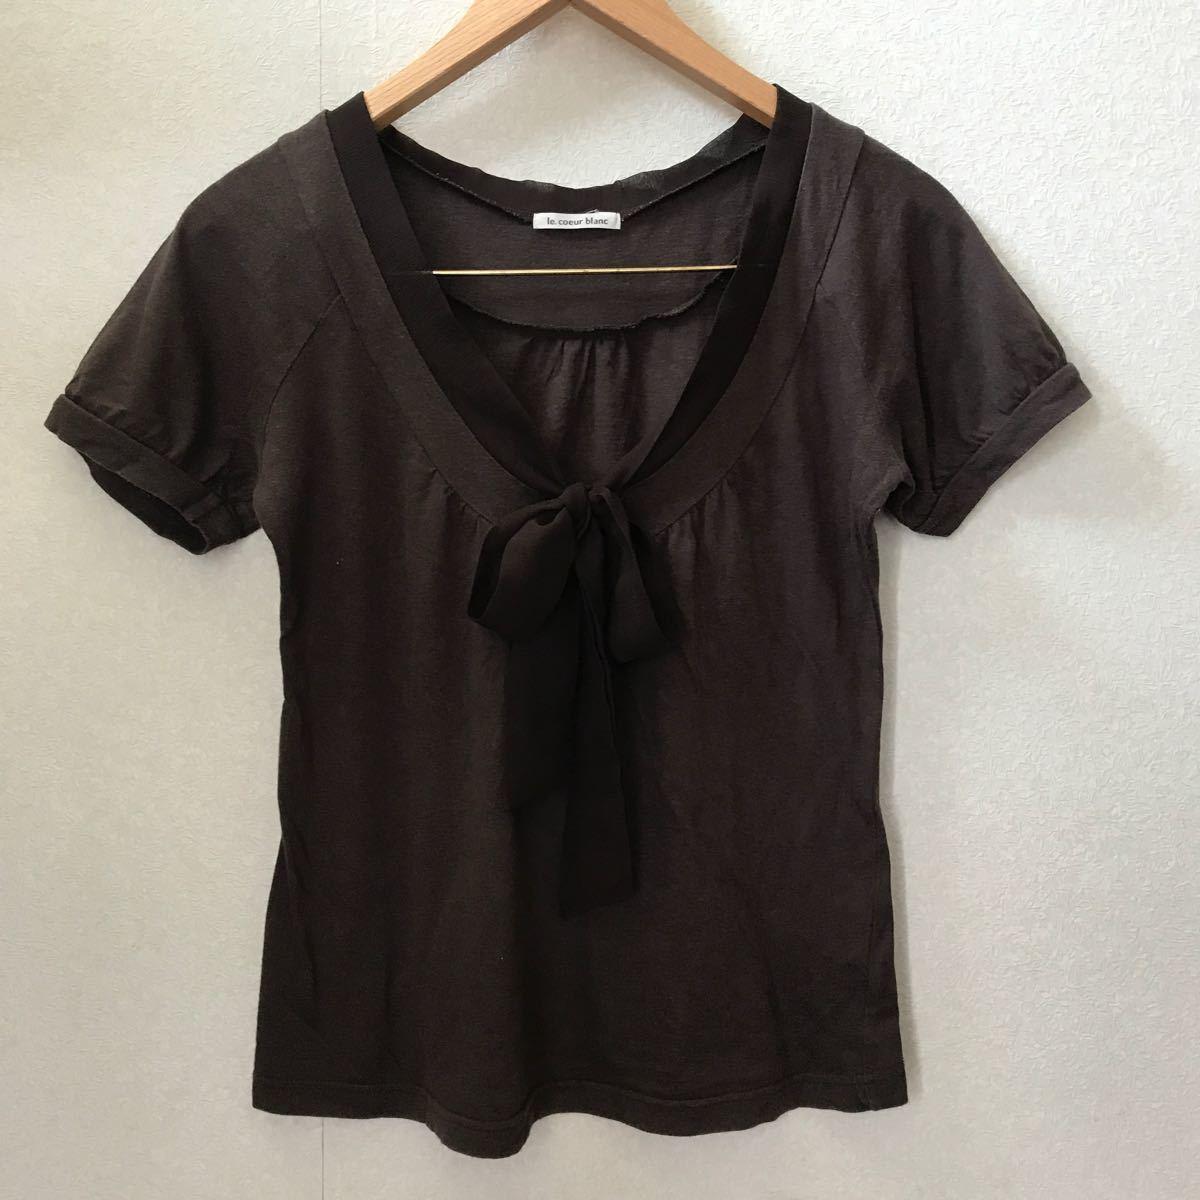 トップス 半袖Tシャツ シフォンリボン パフスリーブ